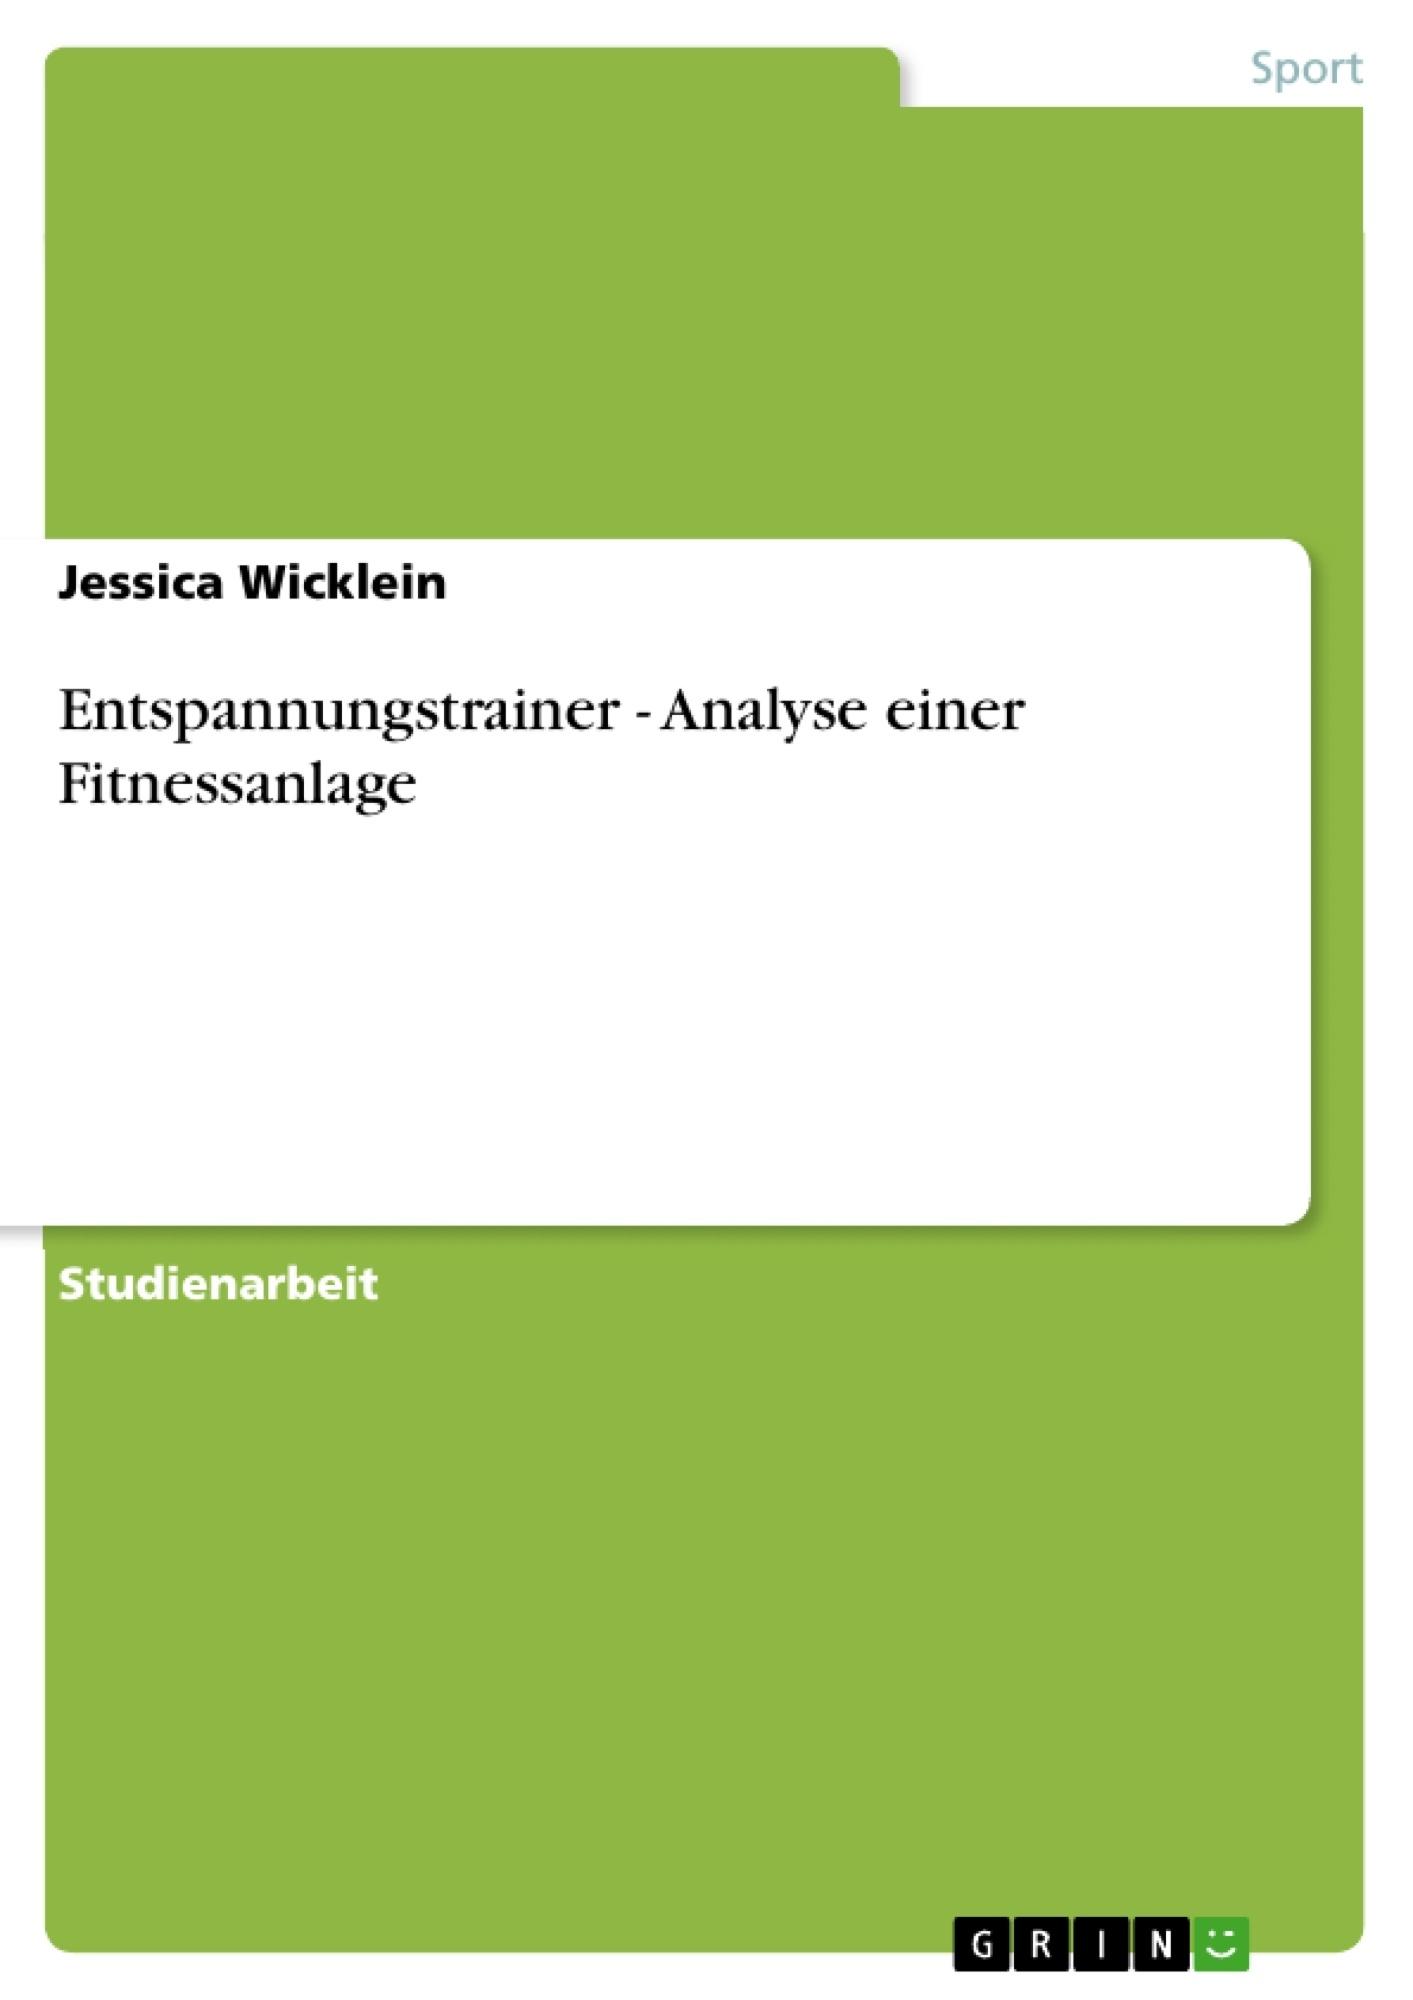 Titel: Entspannungstrainer - Analyse einer Fitnessanlage